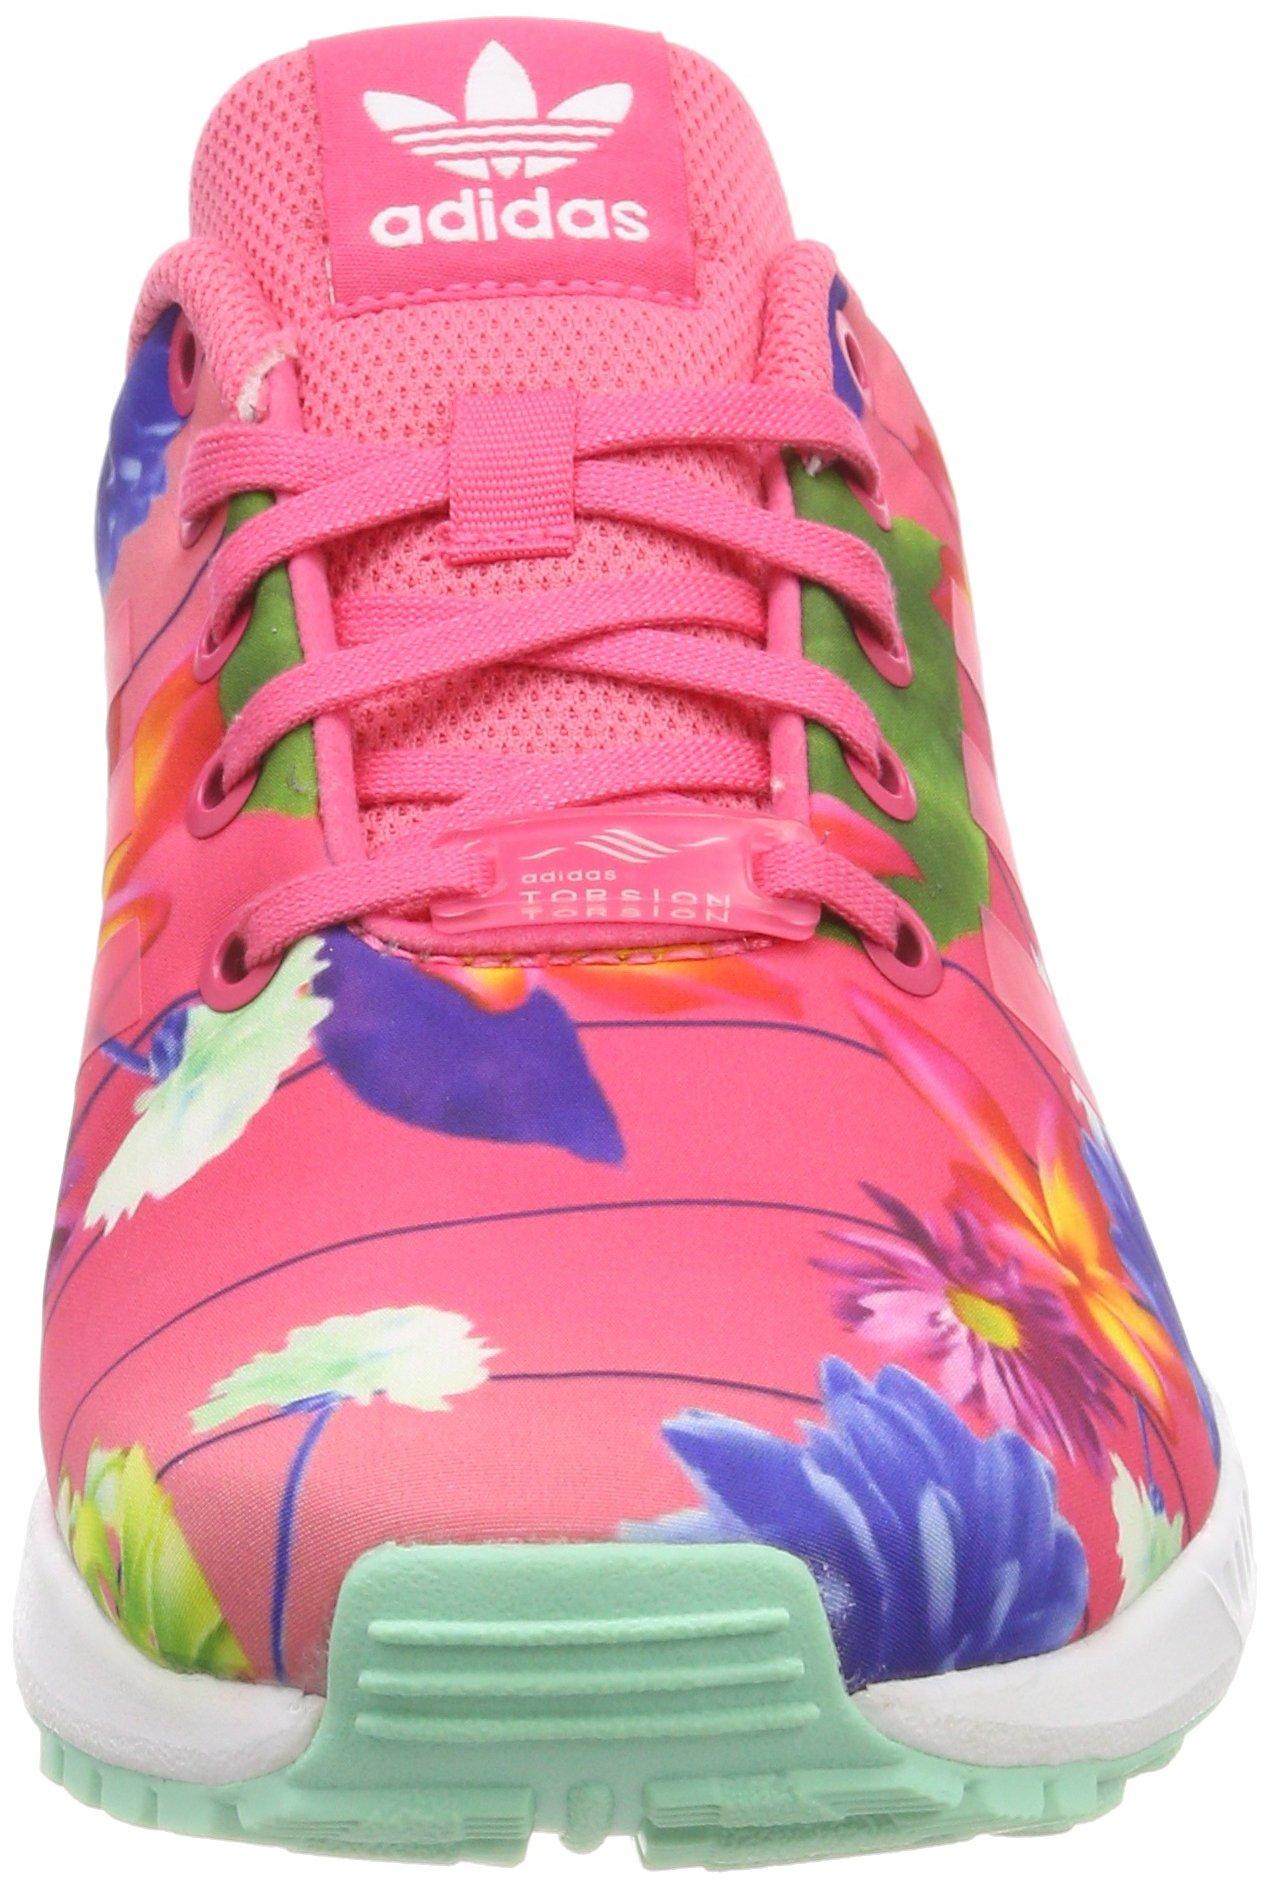 huge discount 68c2b 476ec real adidas zx flux zapatillas unisex niños 6e632 f9043